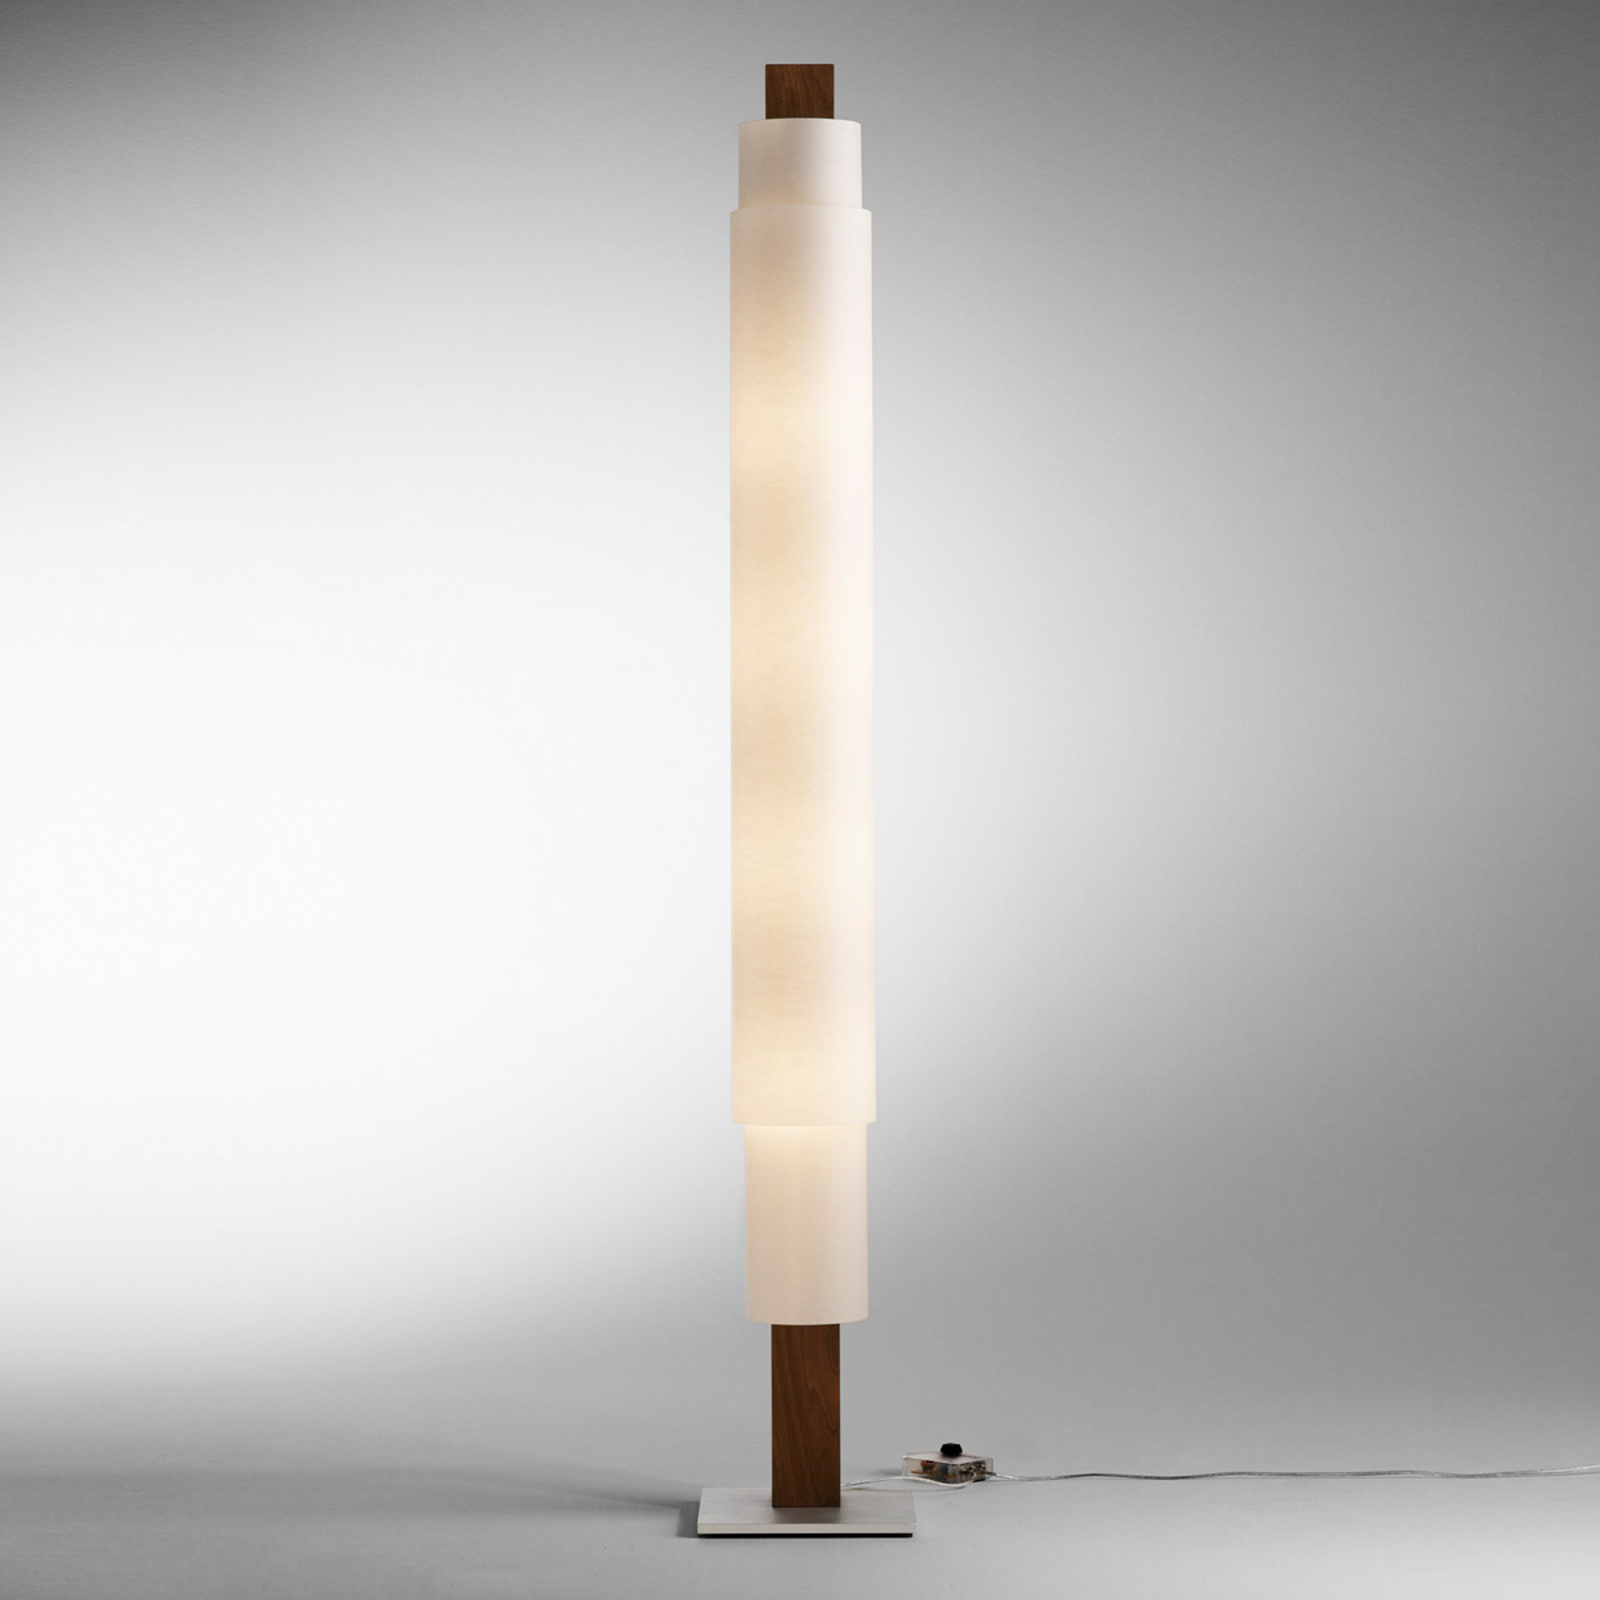 LED-Stehleuchte Stele Nussbaum